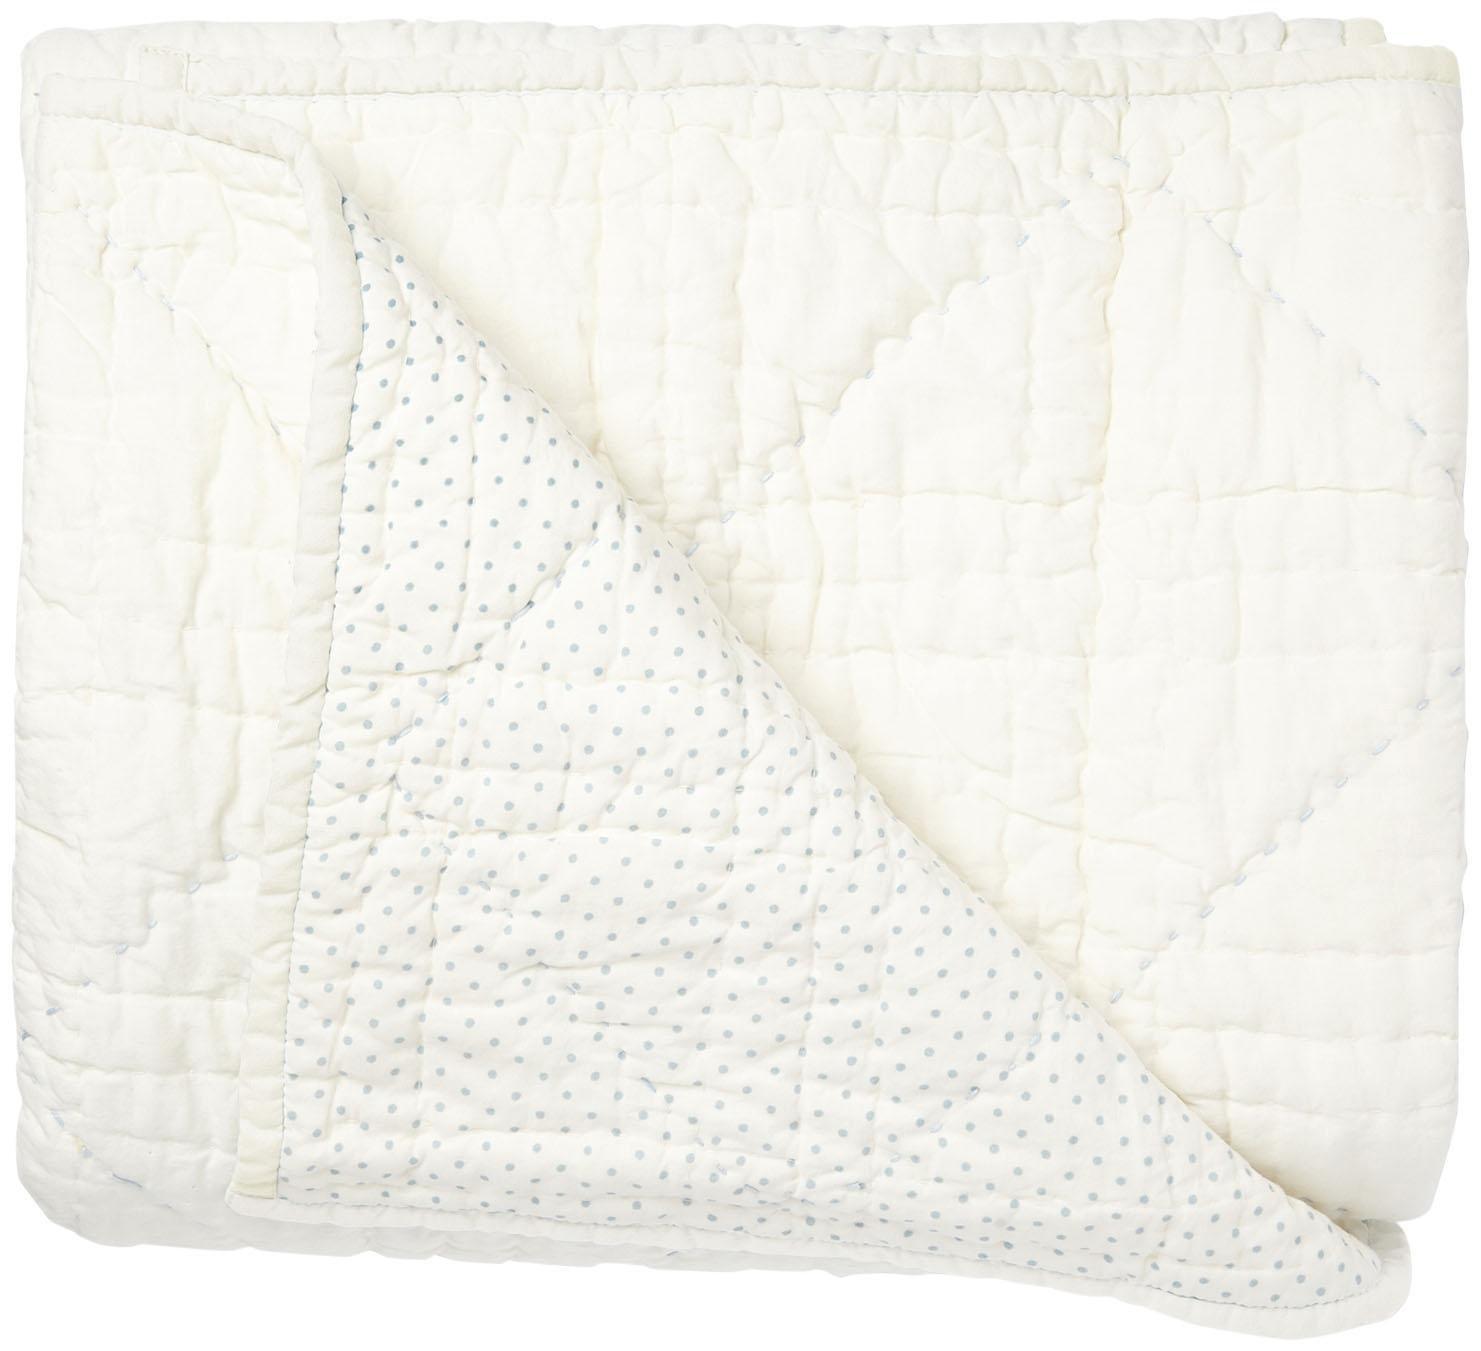 PehrStork Blanket, Blue Pehr Designs